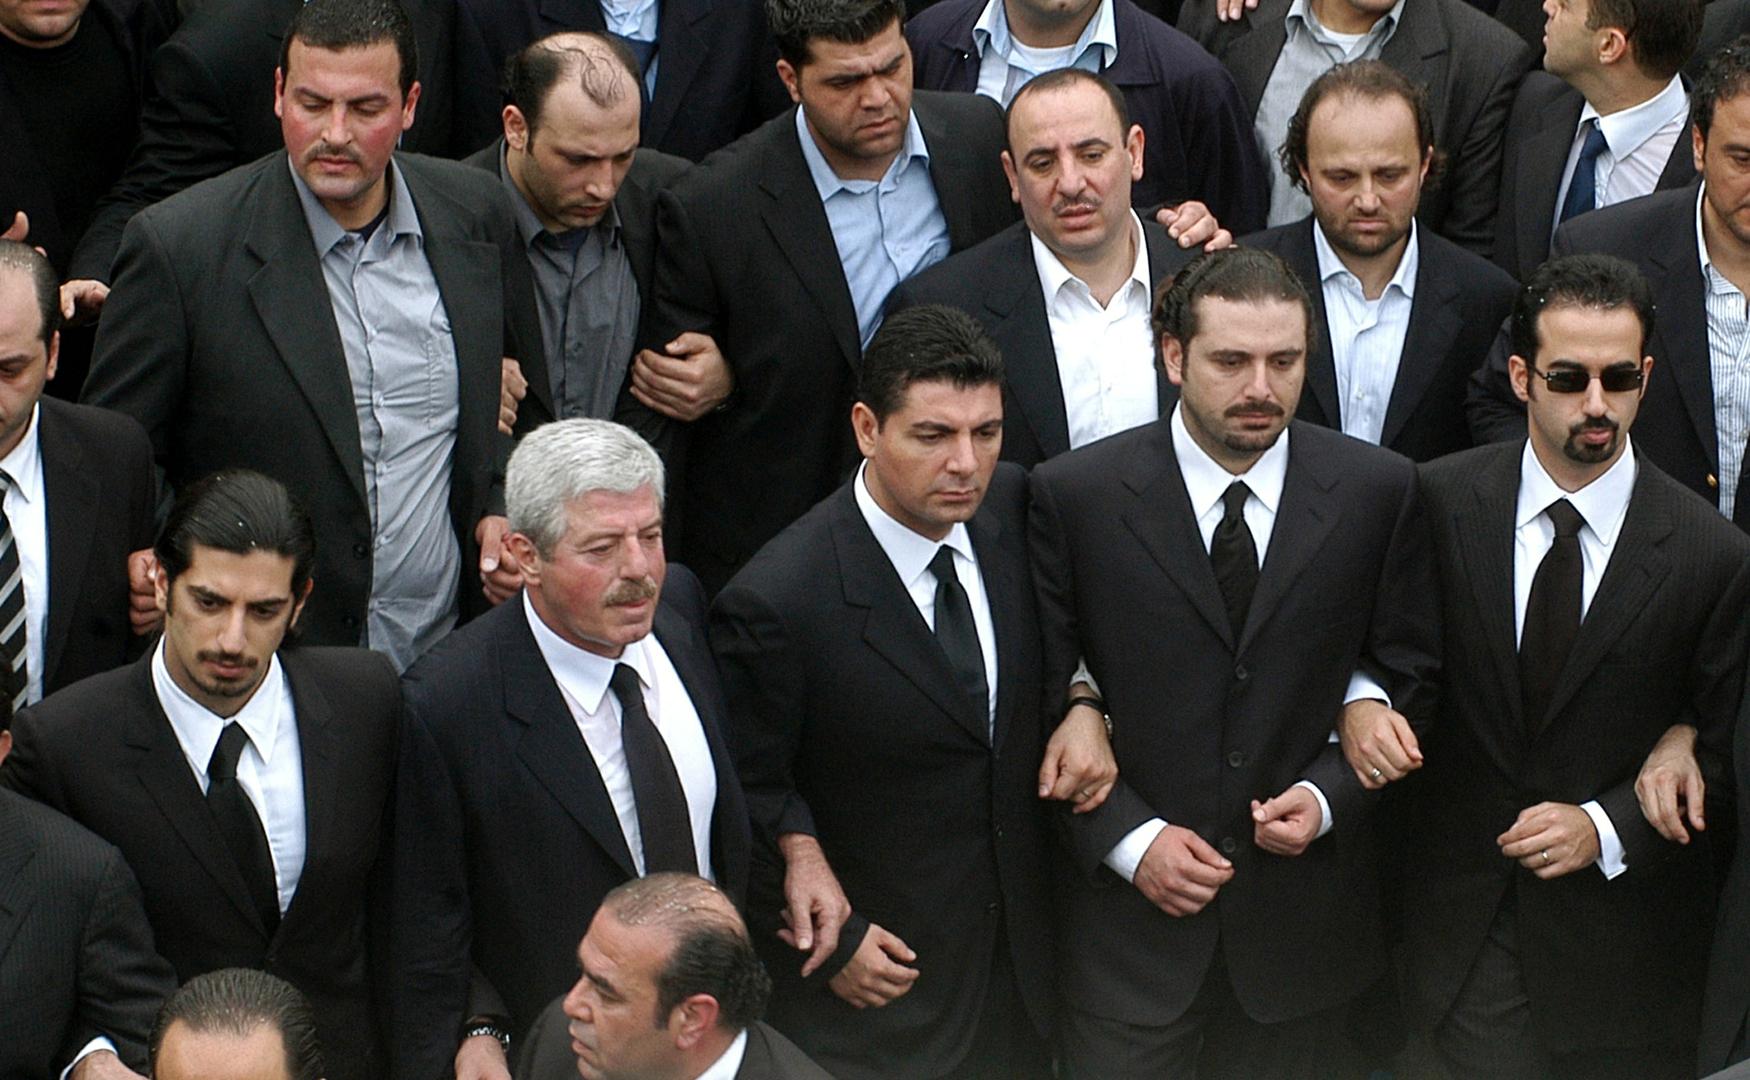 أبناء رئيس حكومة لبنان الراحل رفيق الحريري وشقيقه